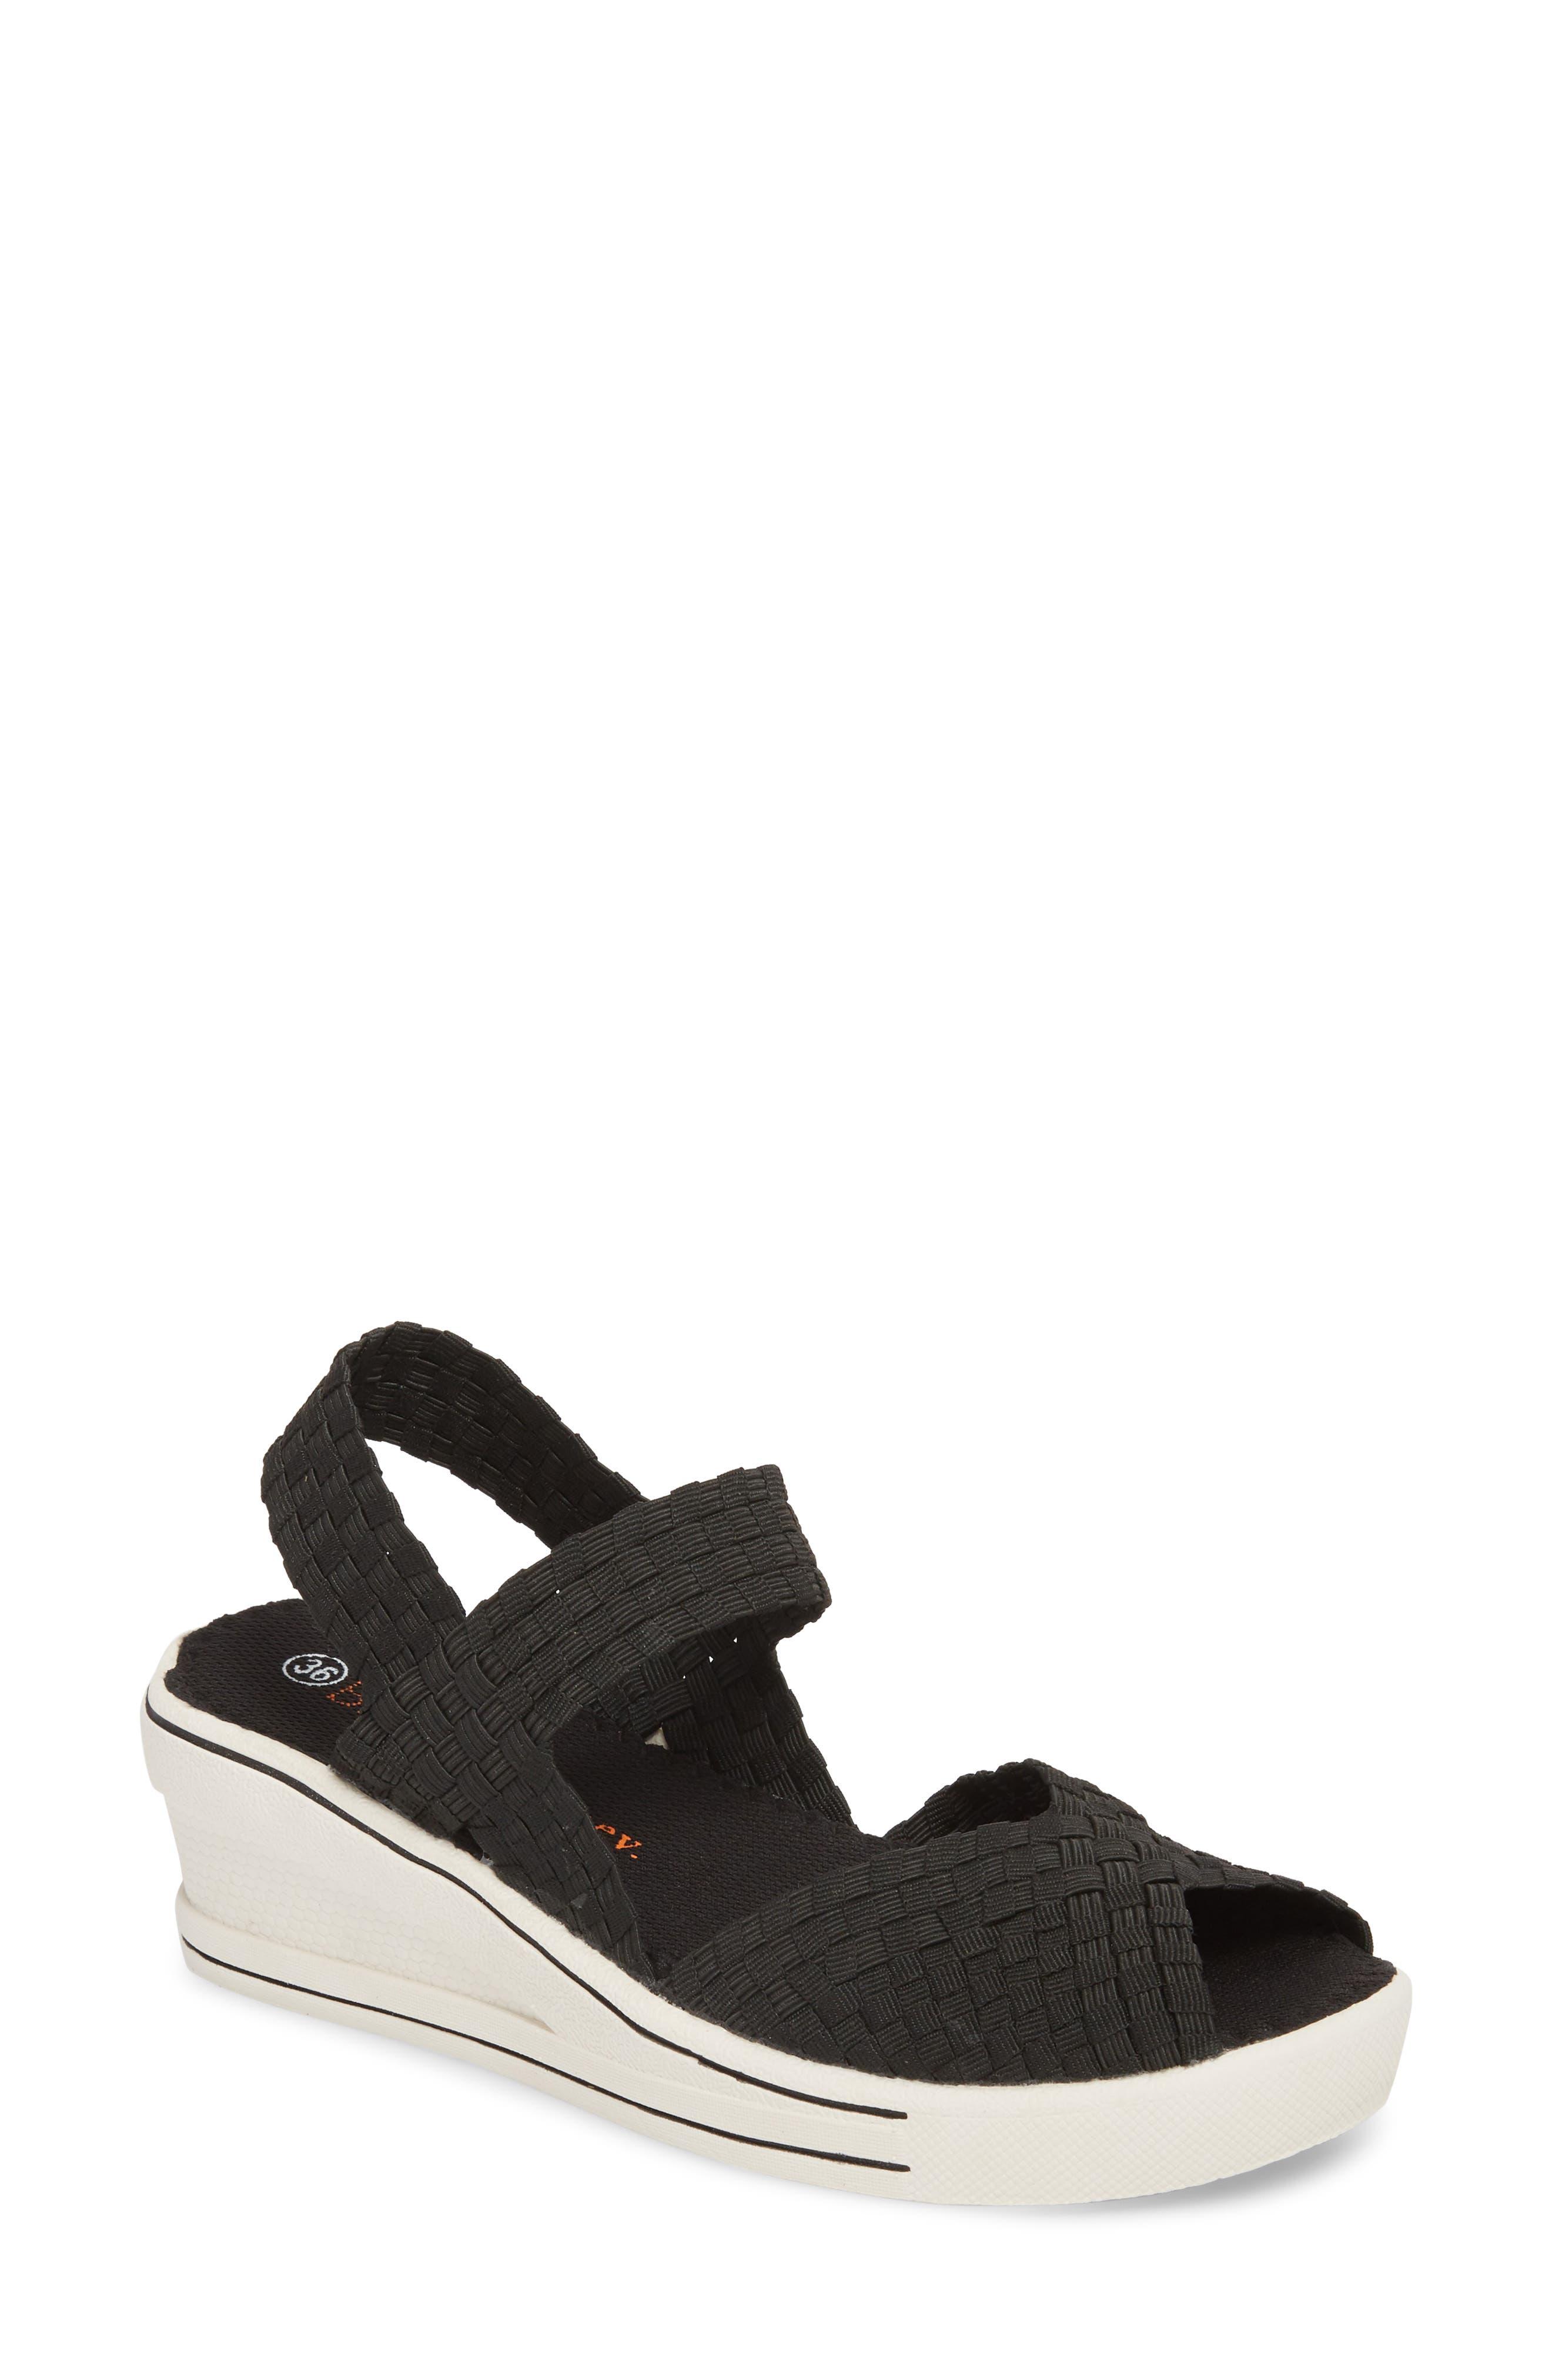 Lux Garden Sandal,                             Main thumbnail 1, color,                             BLACK FABRIC